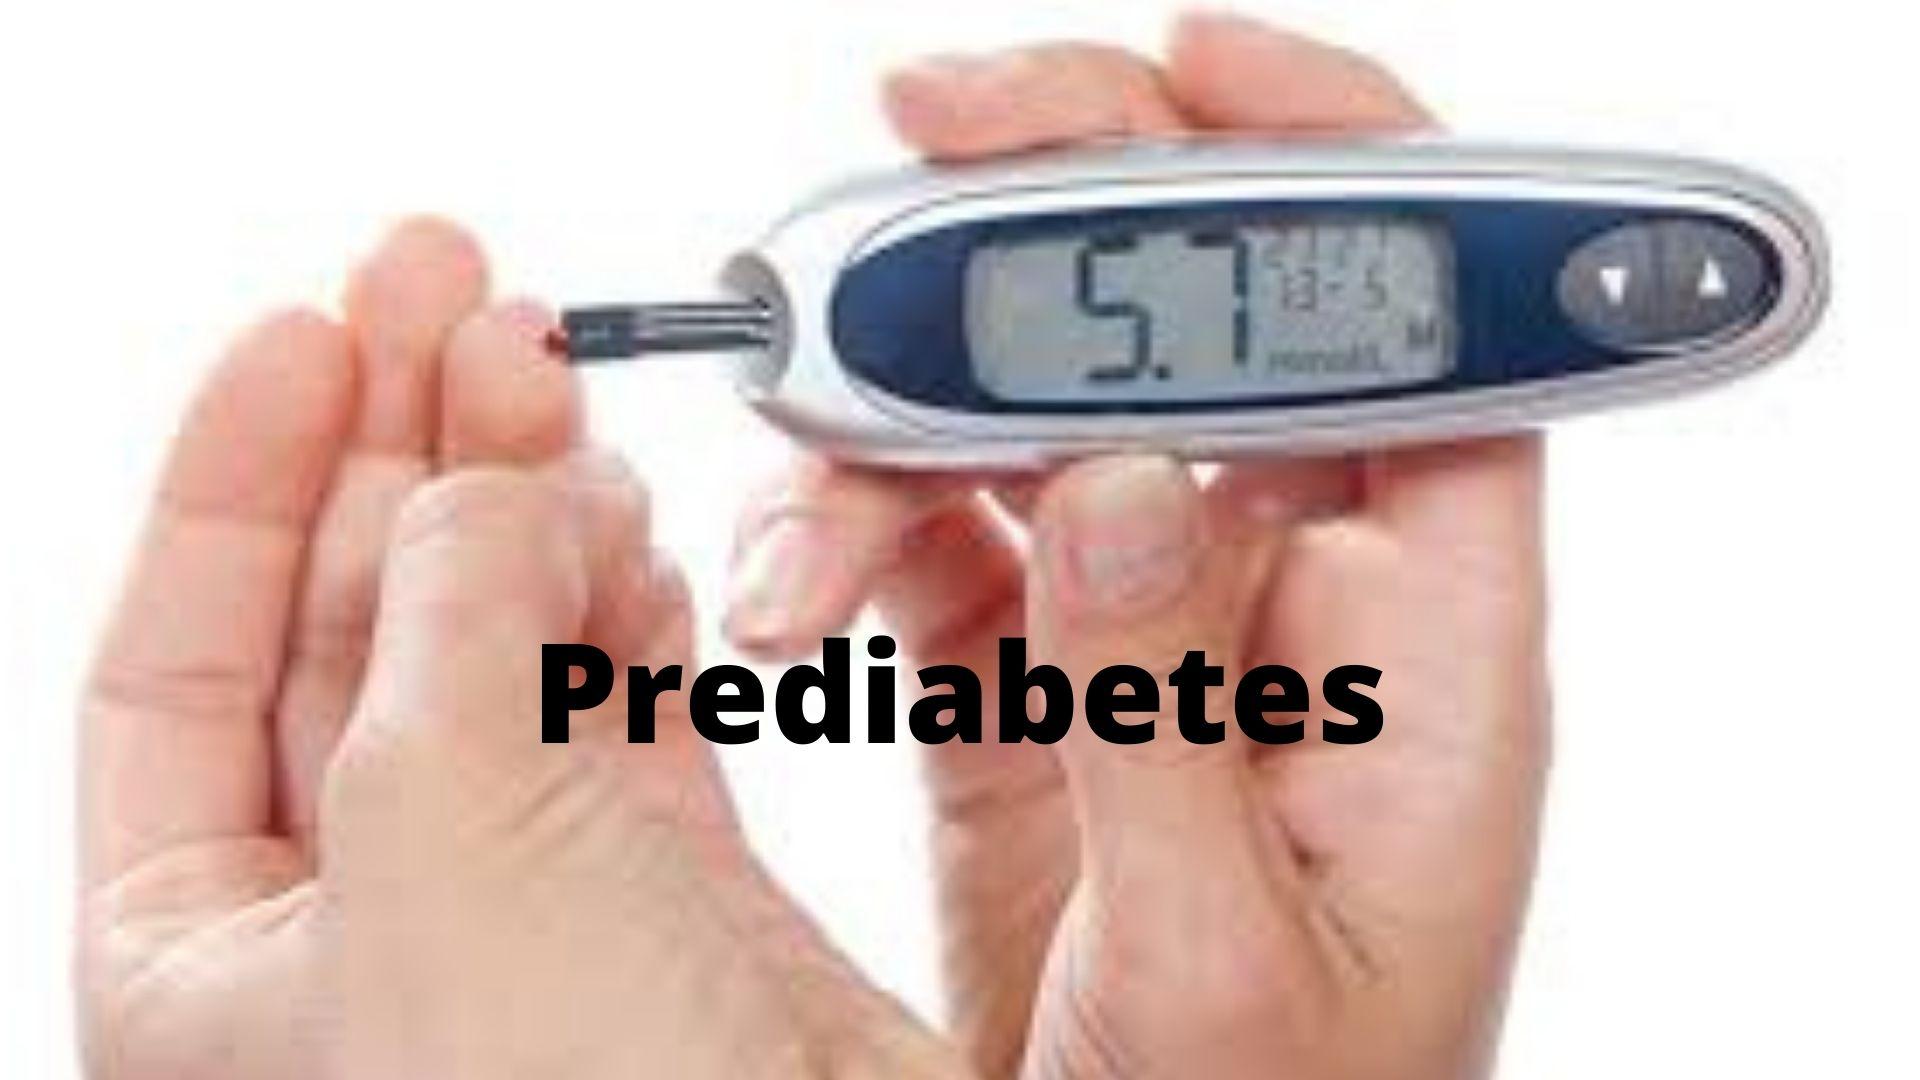 Prediabetes Photo